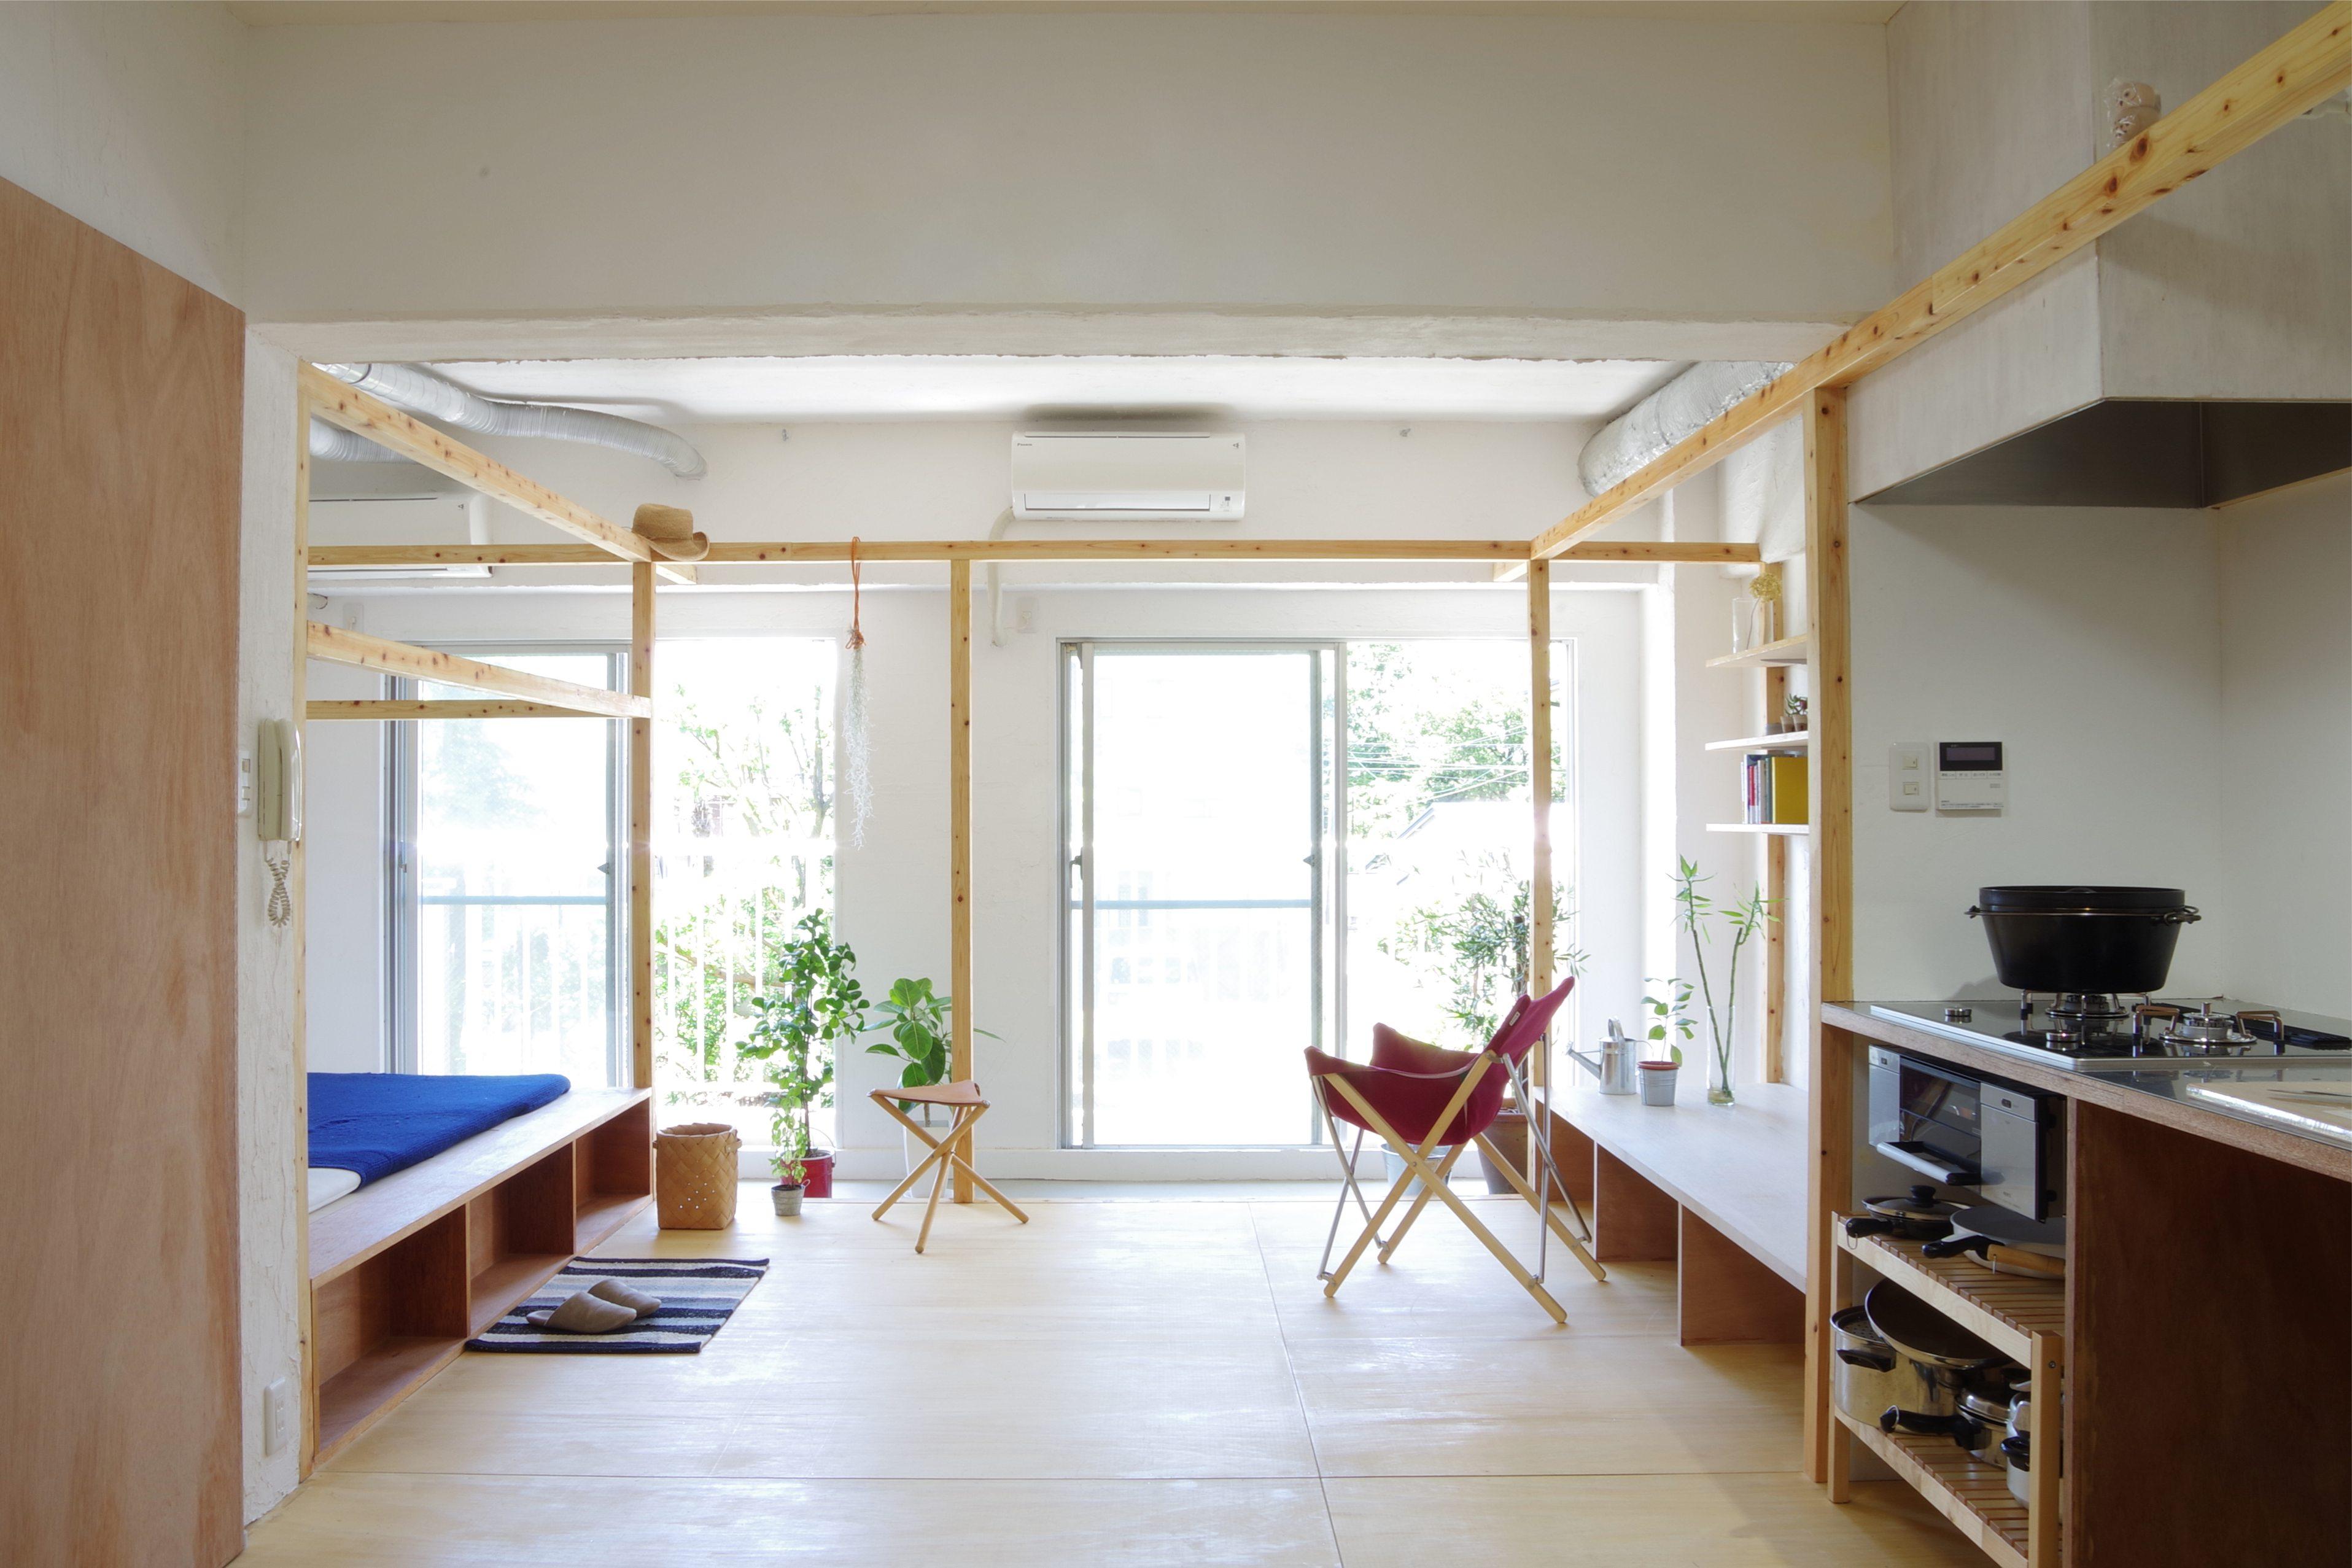 [寧靜的日式小居] - Frame House